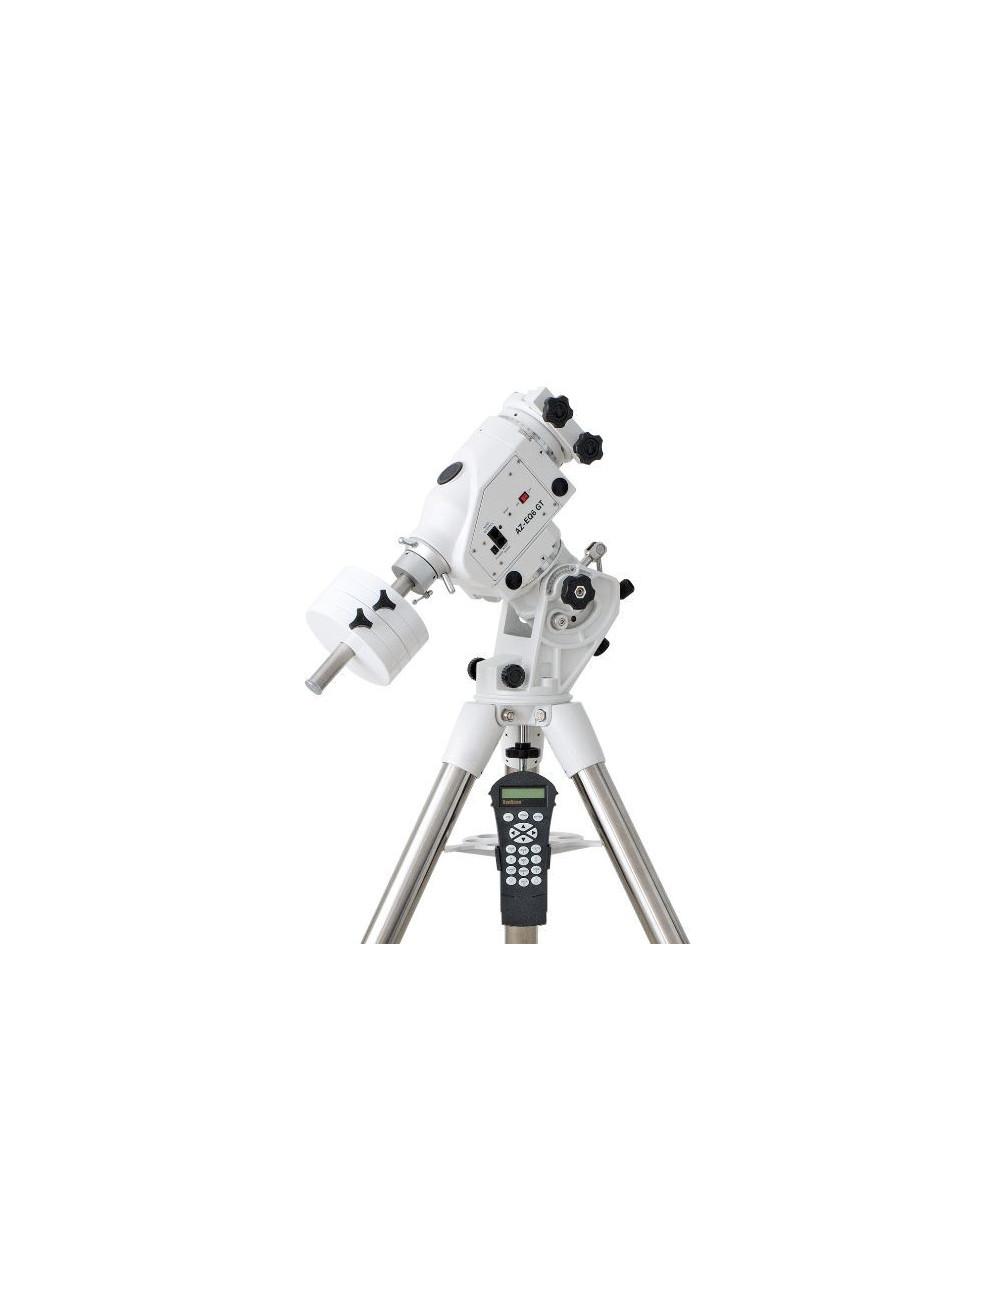 Monture équatoriale Sky-Watcher AZEQ6 Pro Go-To